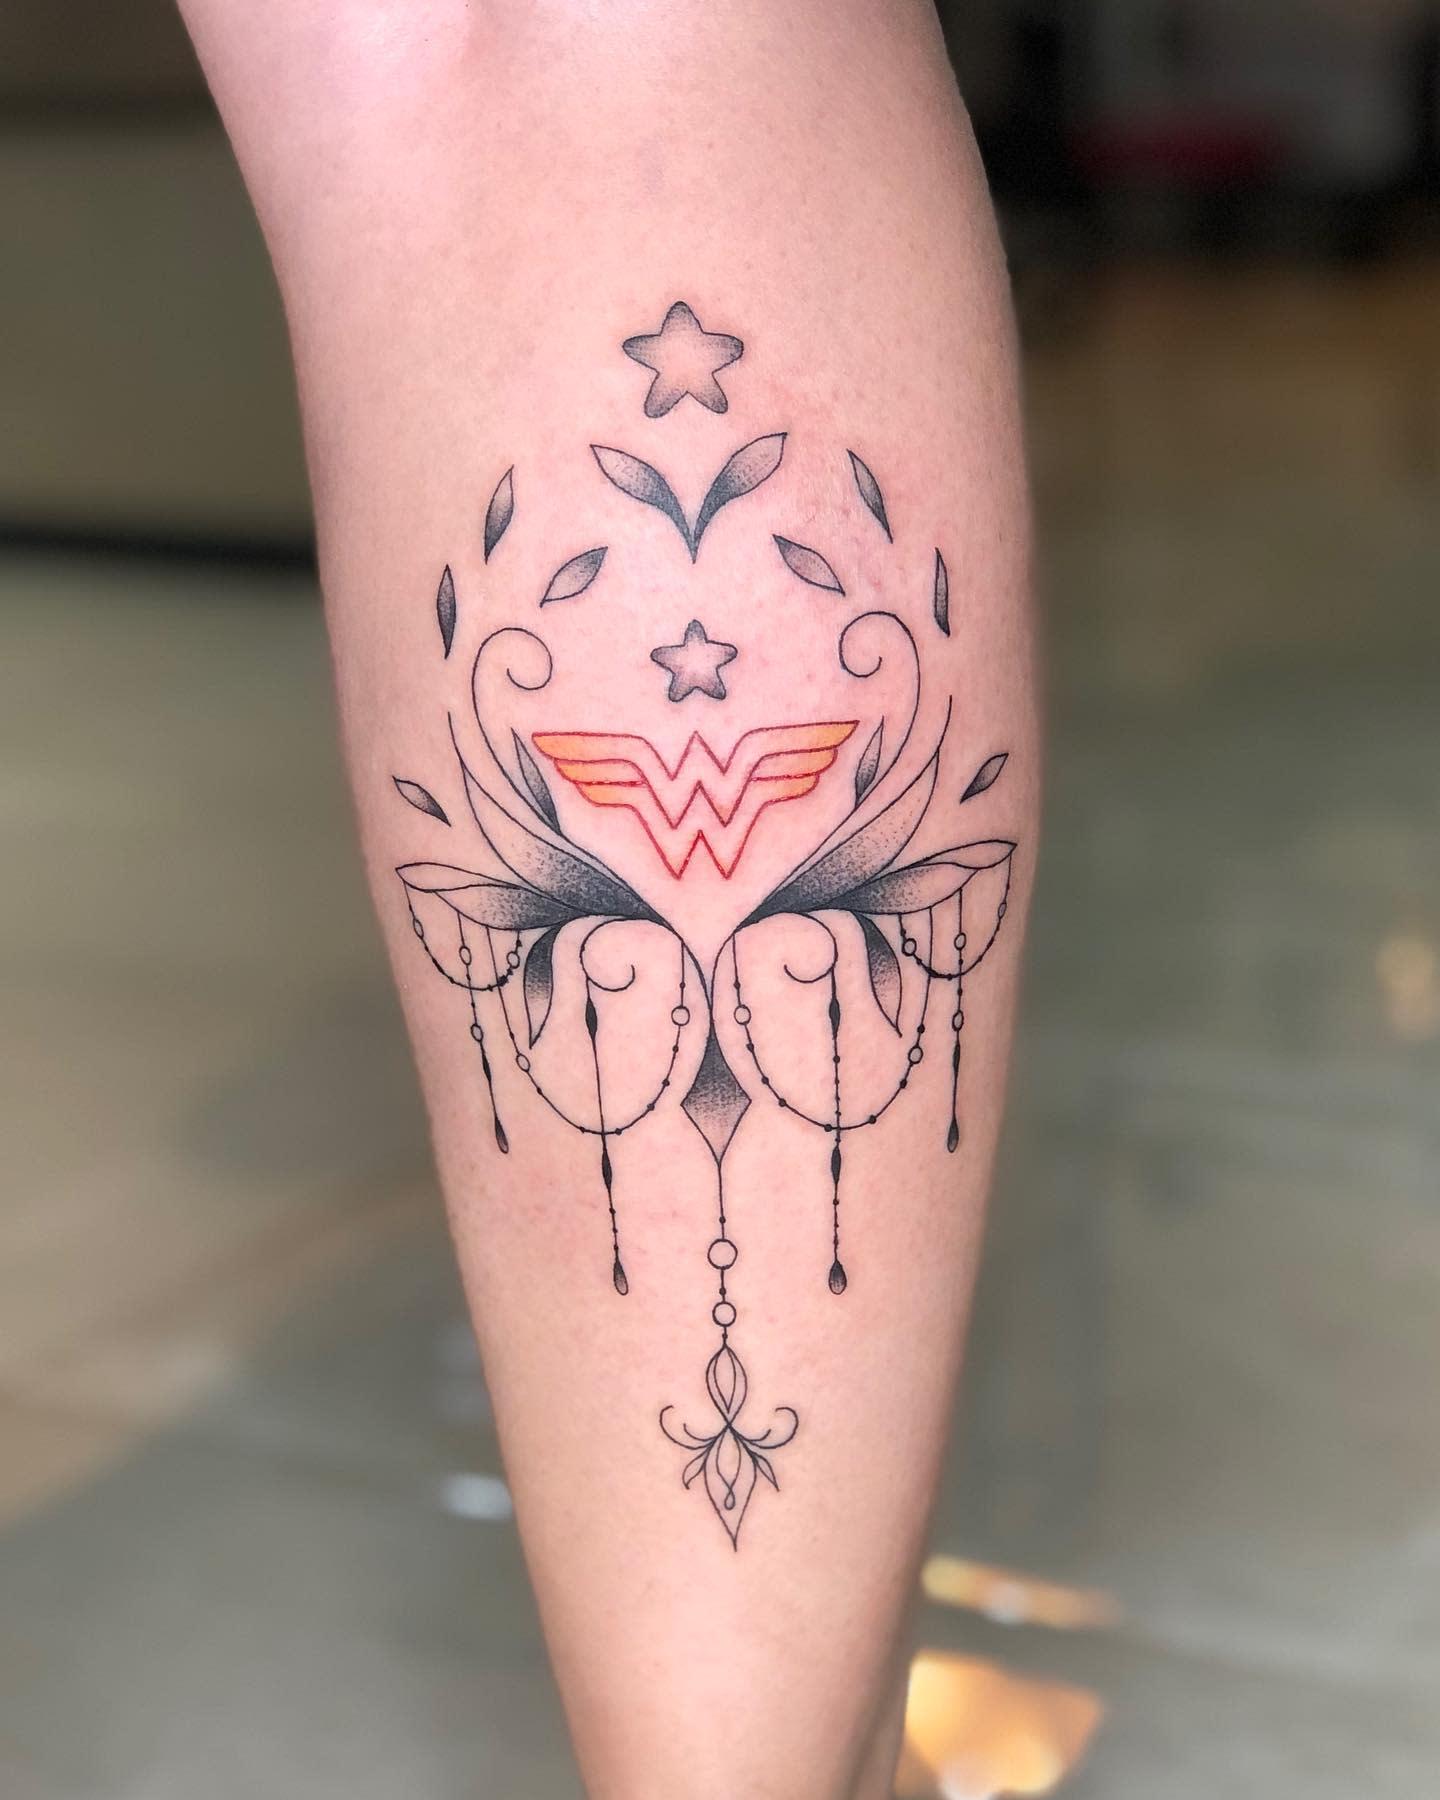 Minimalist Wonder Woman Tattoo -nobre.tattoo